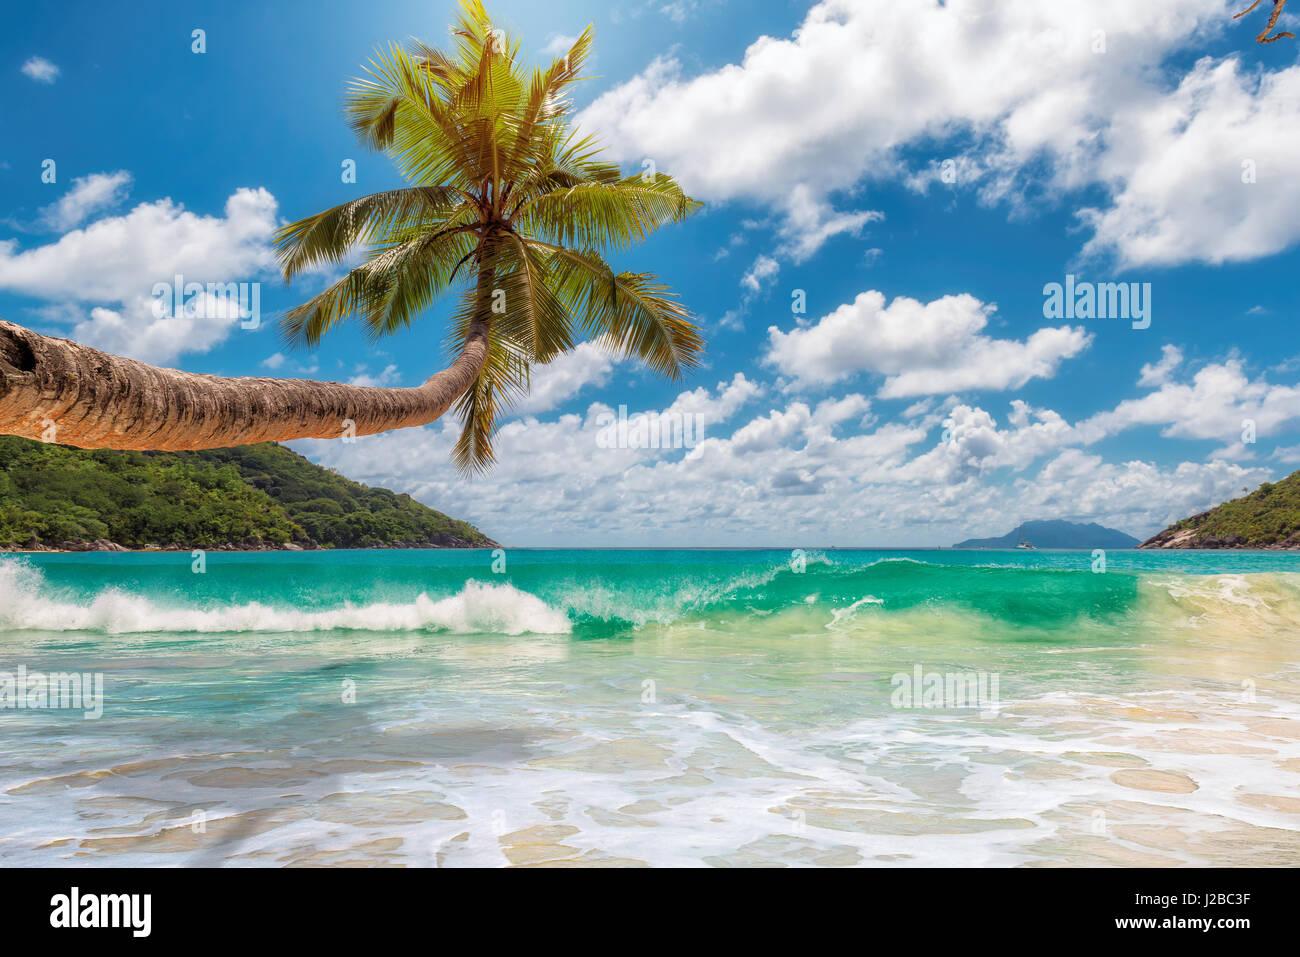 Tropical Ocean Beach con noce di cocco Palm tree in una luminosa giornata di sole. Immagini Stock